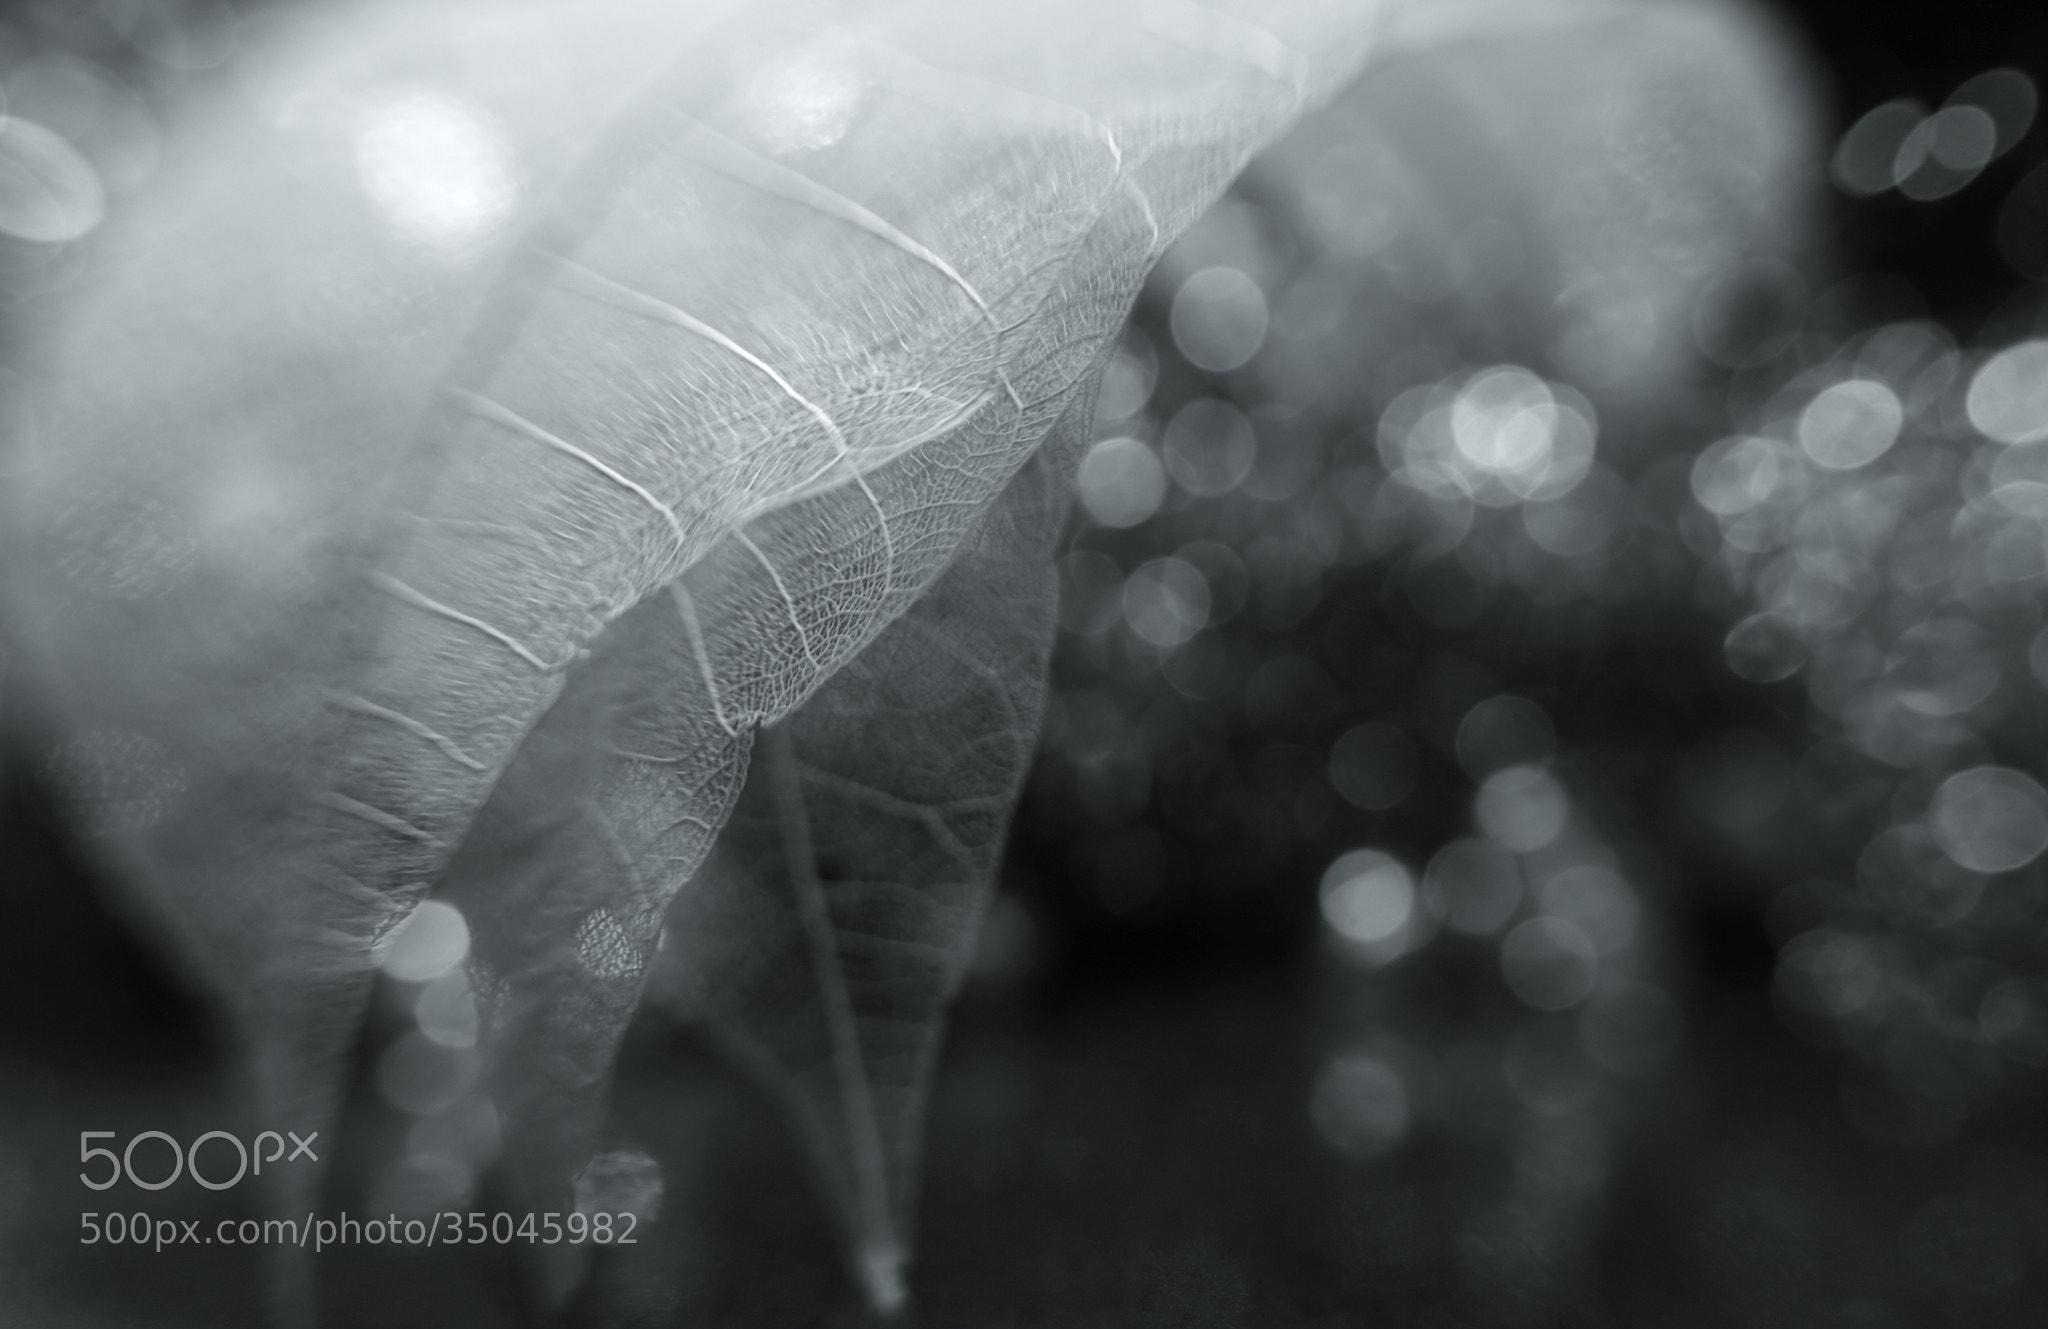 Photograph Feathery by Shihya Kowatari on 500px